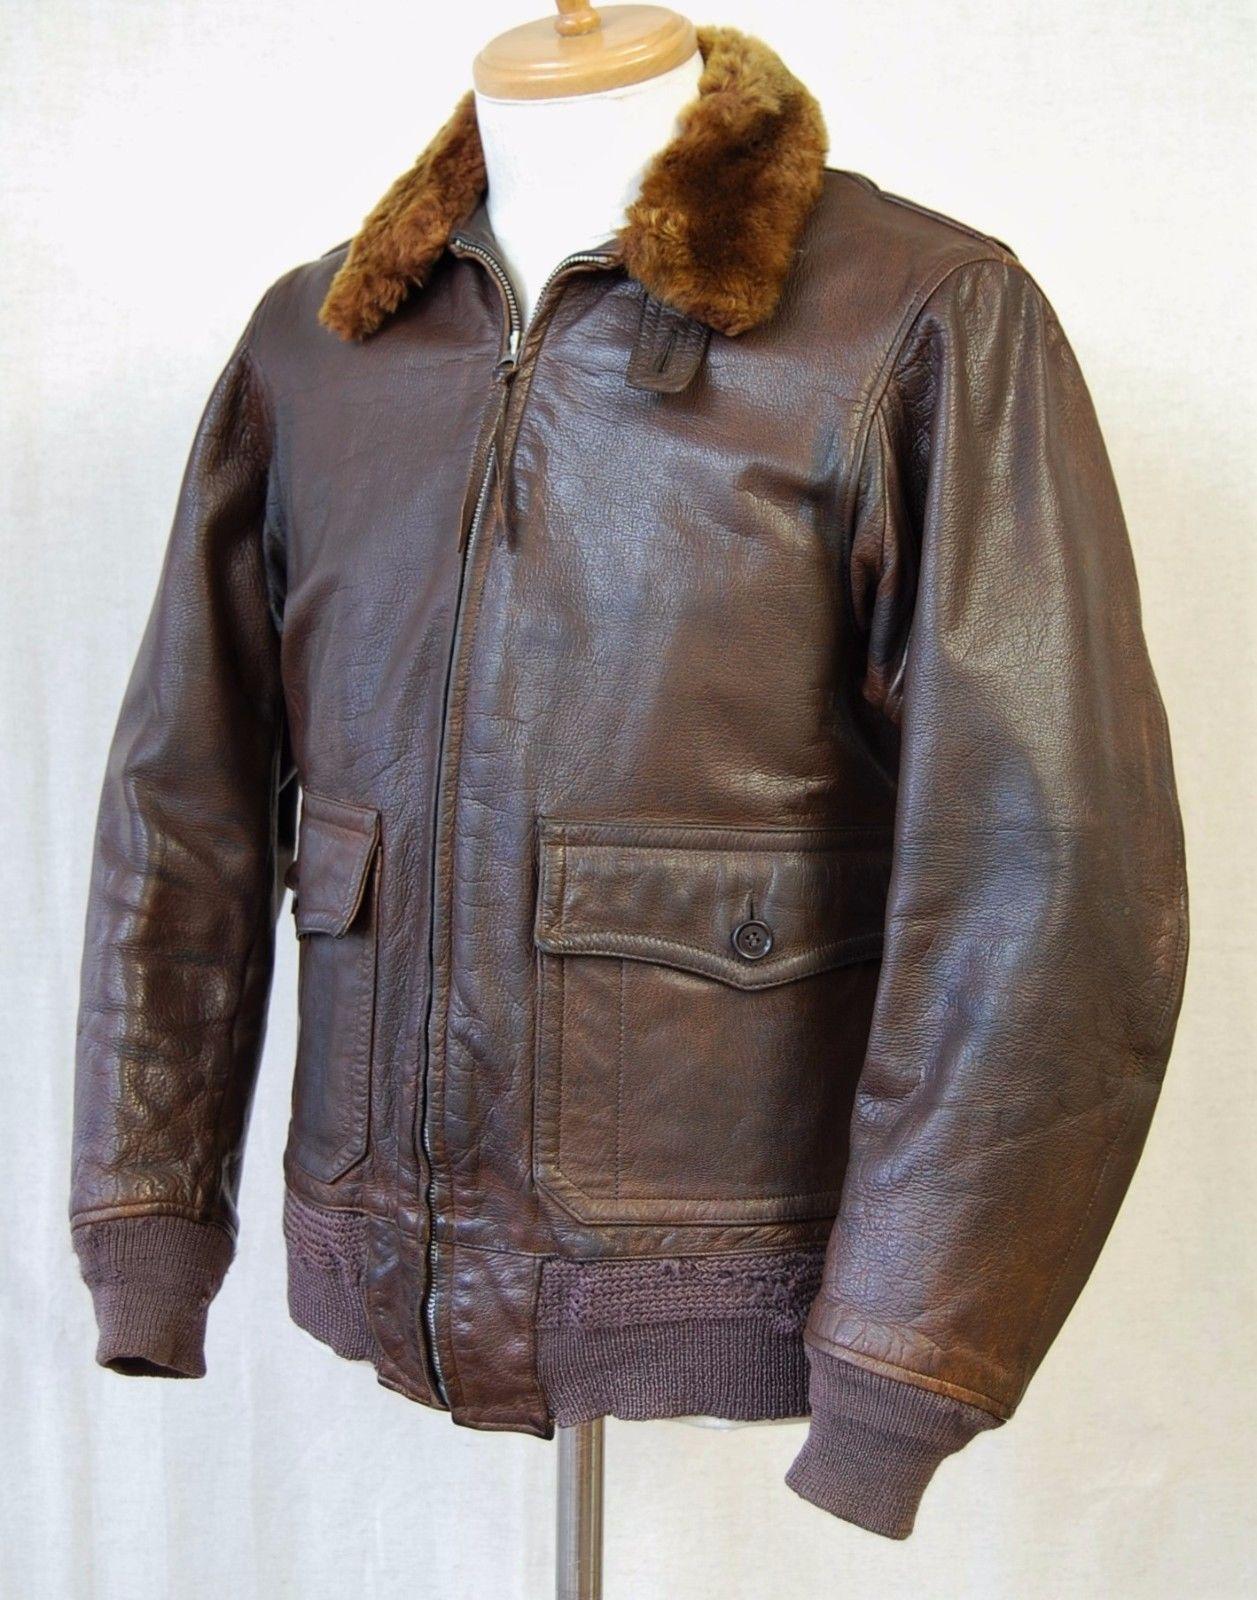 Vintage Wwii Us Navy M422a Flight Jacket Gordon Ferguson Co Size 38 493 61 Leather Flight Jacket Flight Jacket Jackets [ 1600 x 1257 Pixel ]